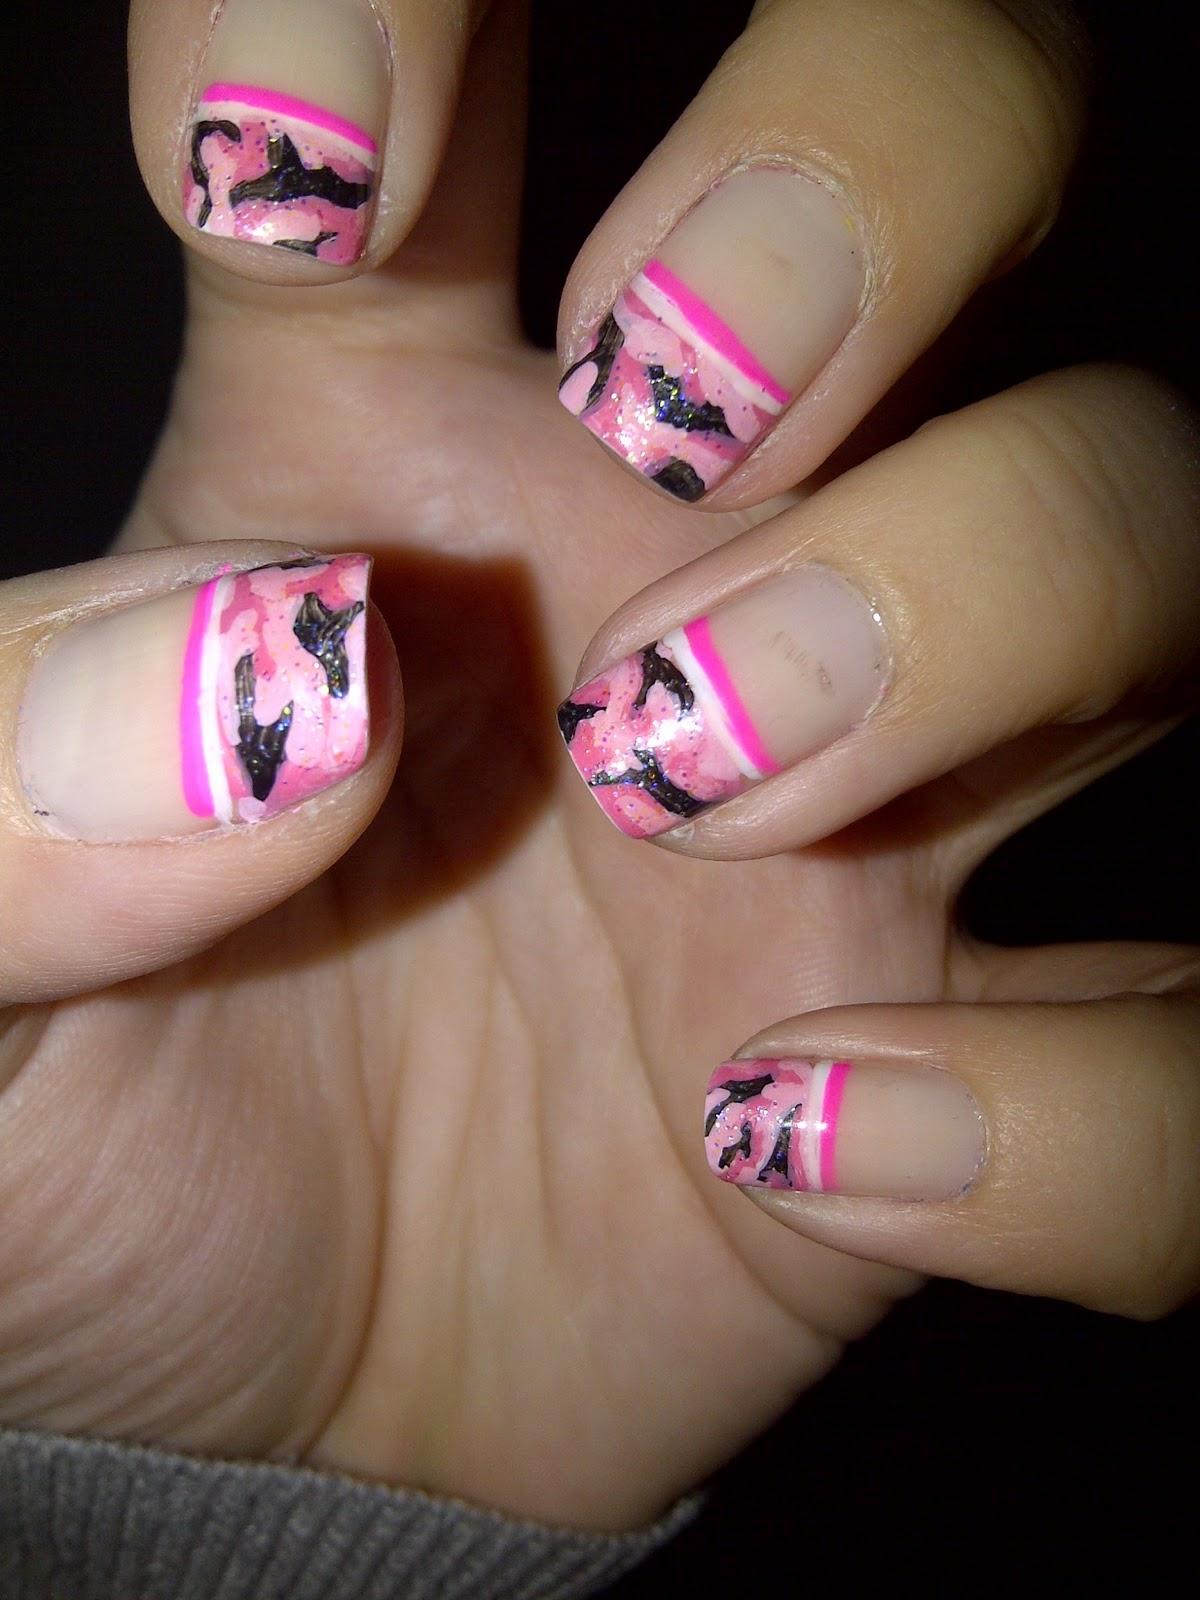 http://2.bp.blogspot.com/-zMrczQogbUw/Txsgw5m8x3I/AAAAAAAAAAU/CXlSM0afx0Q/s1600/barbiecamo.jpg